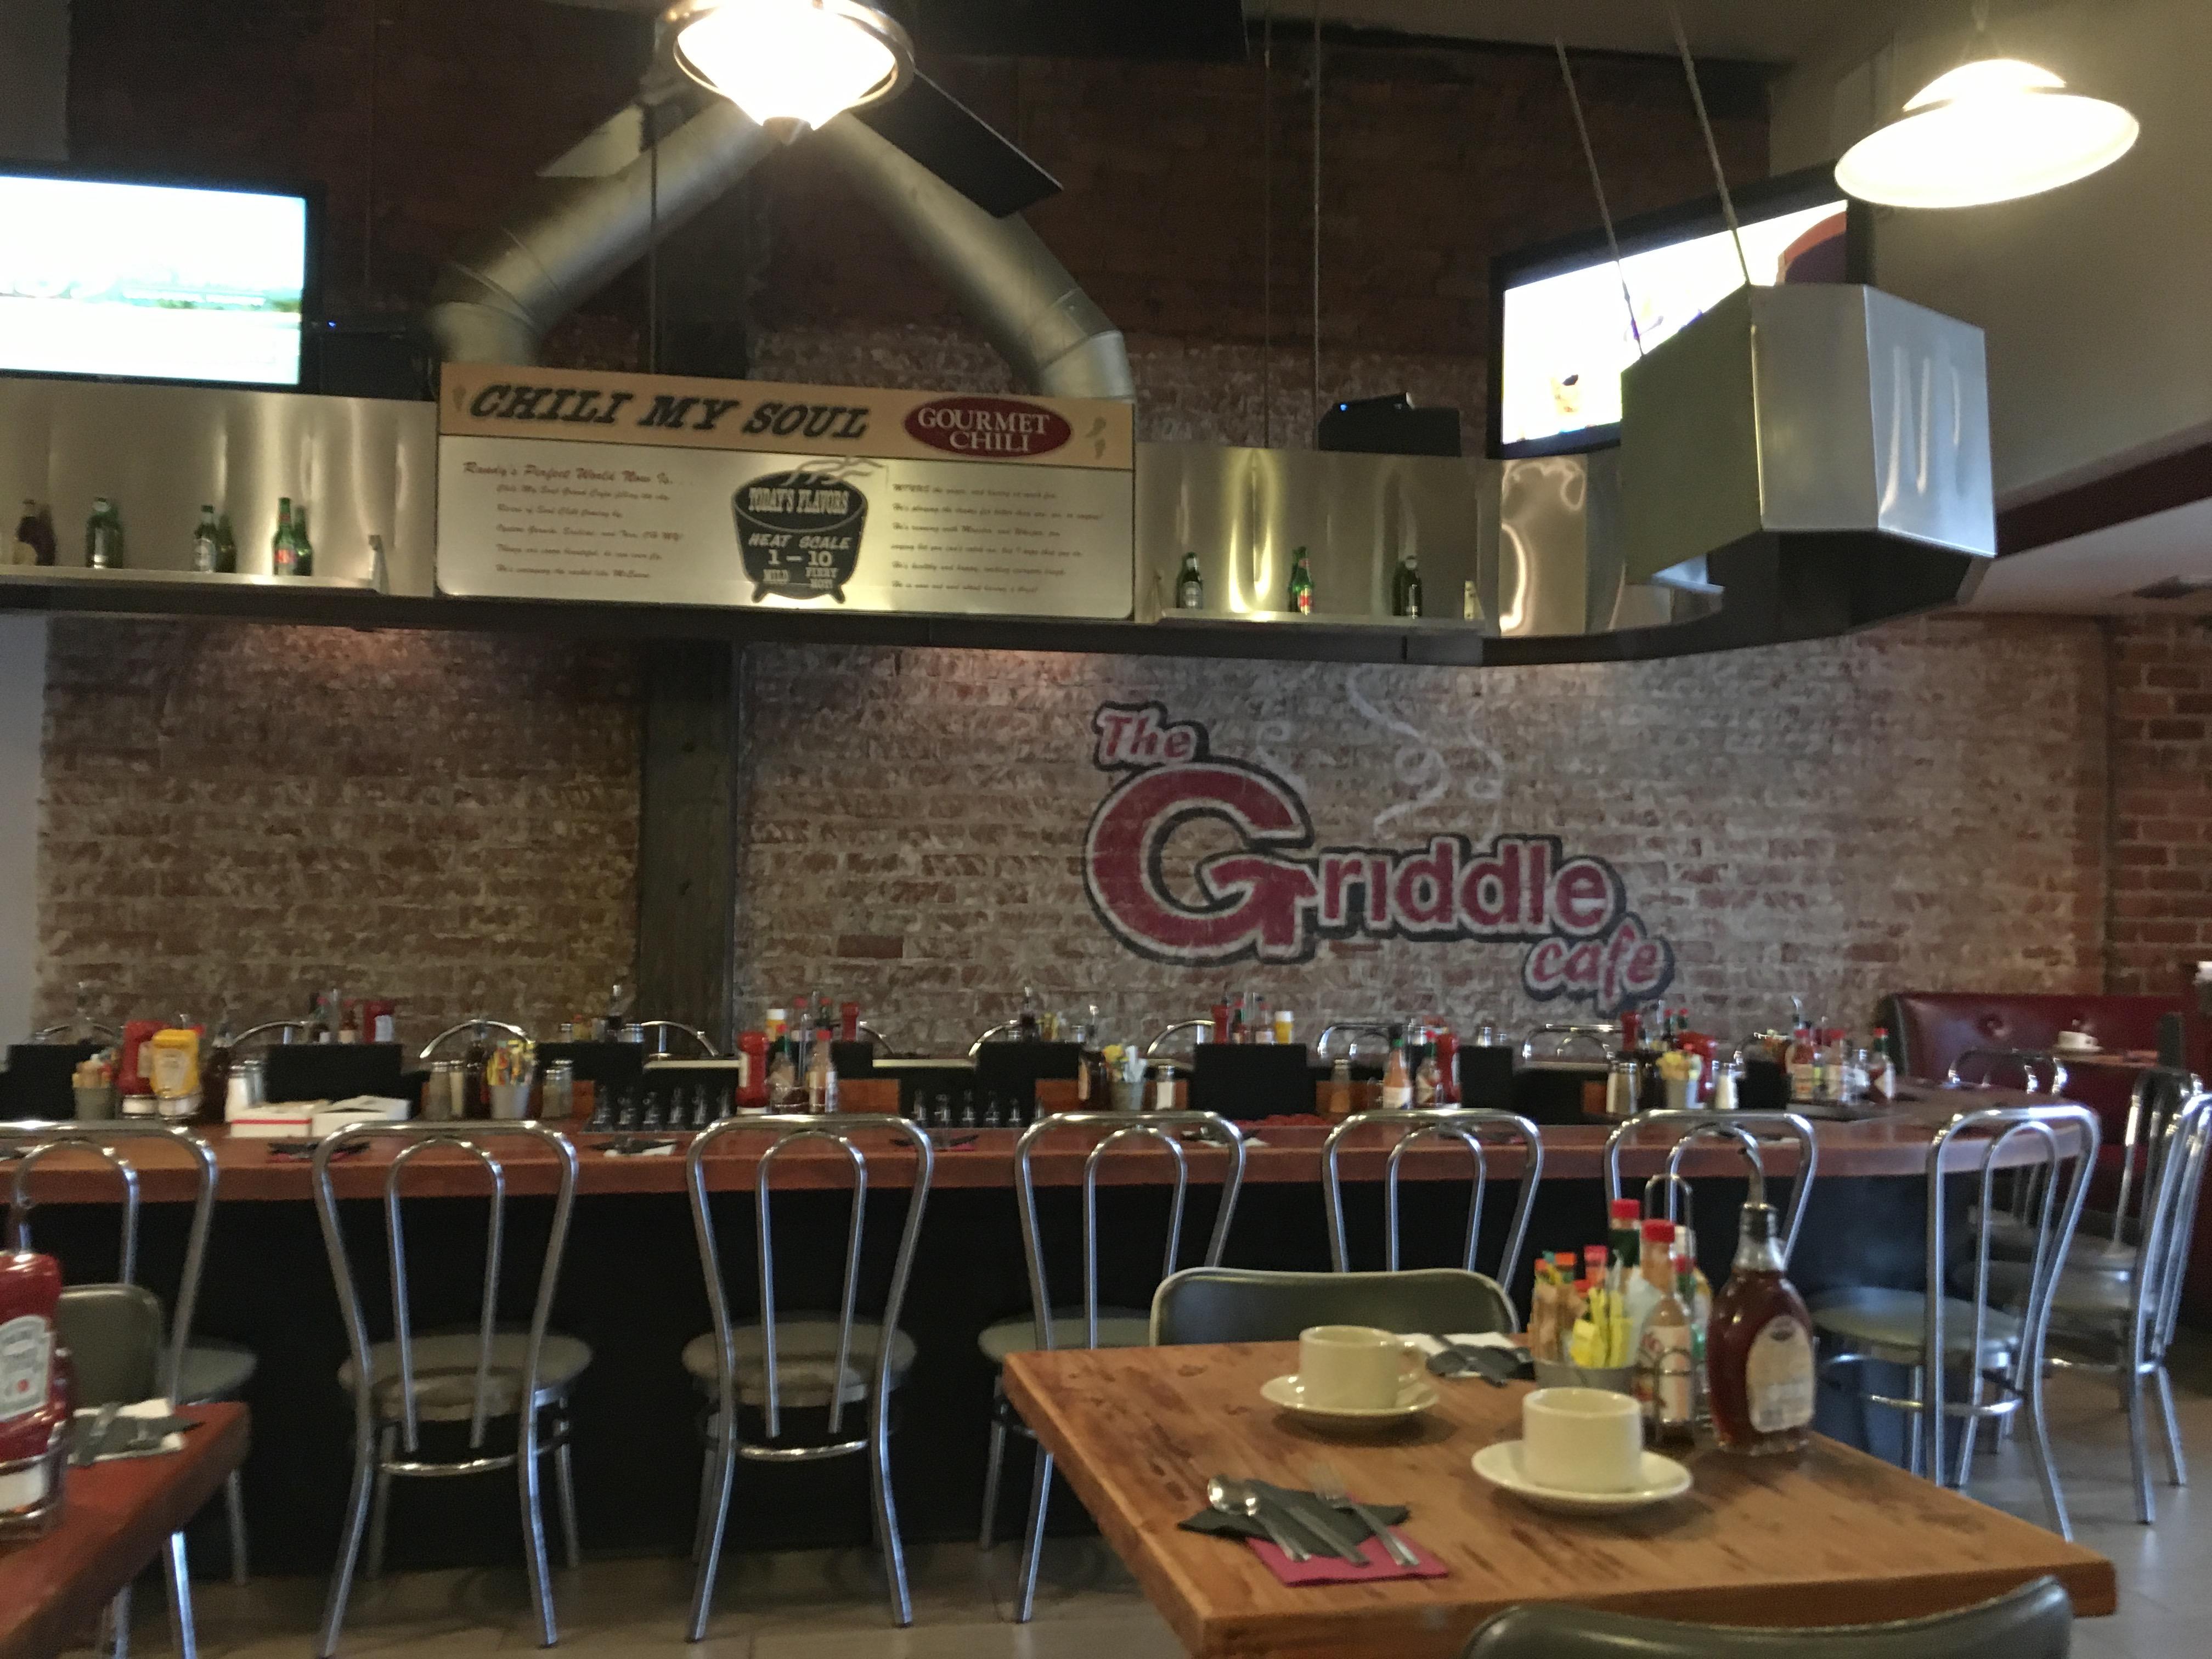 Los Angeles Food - griddle cafe interior